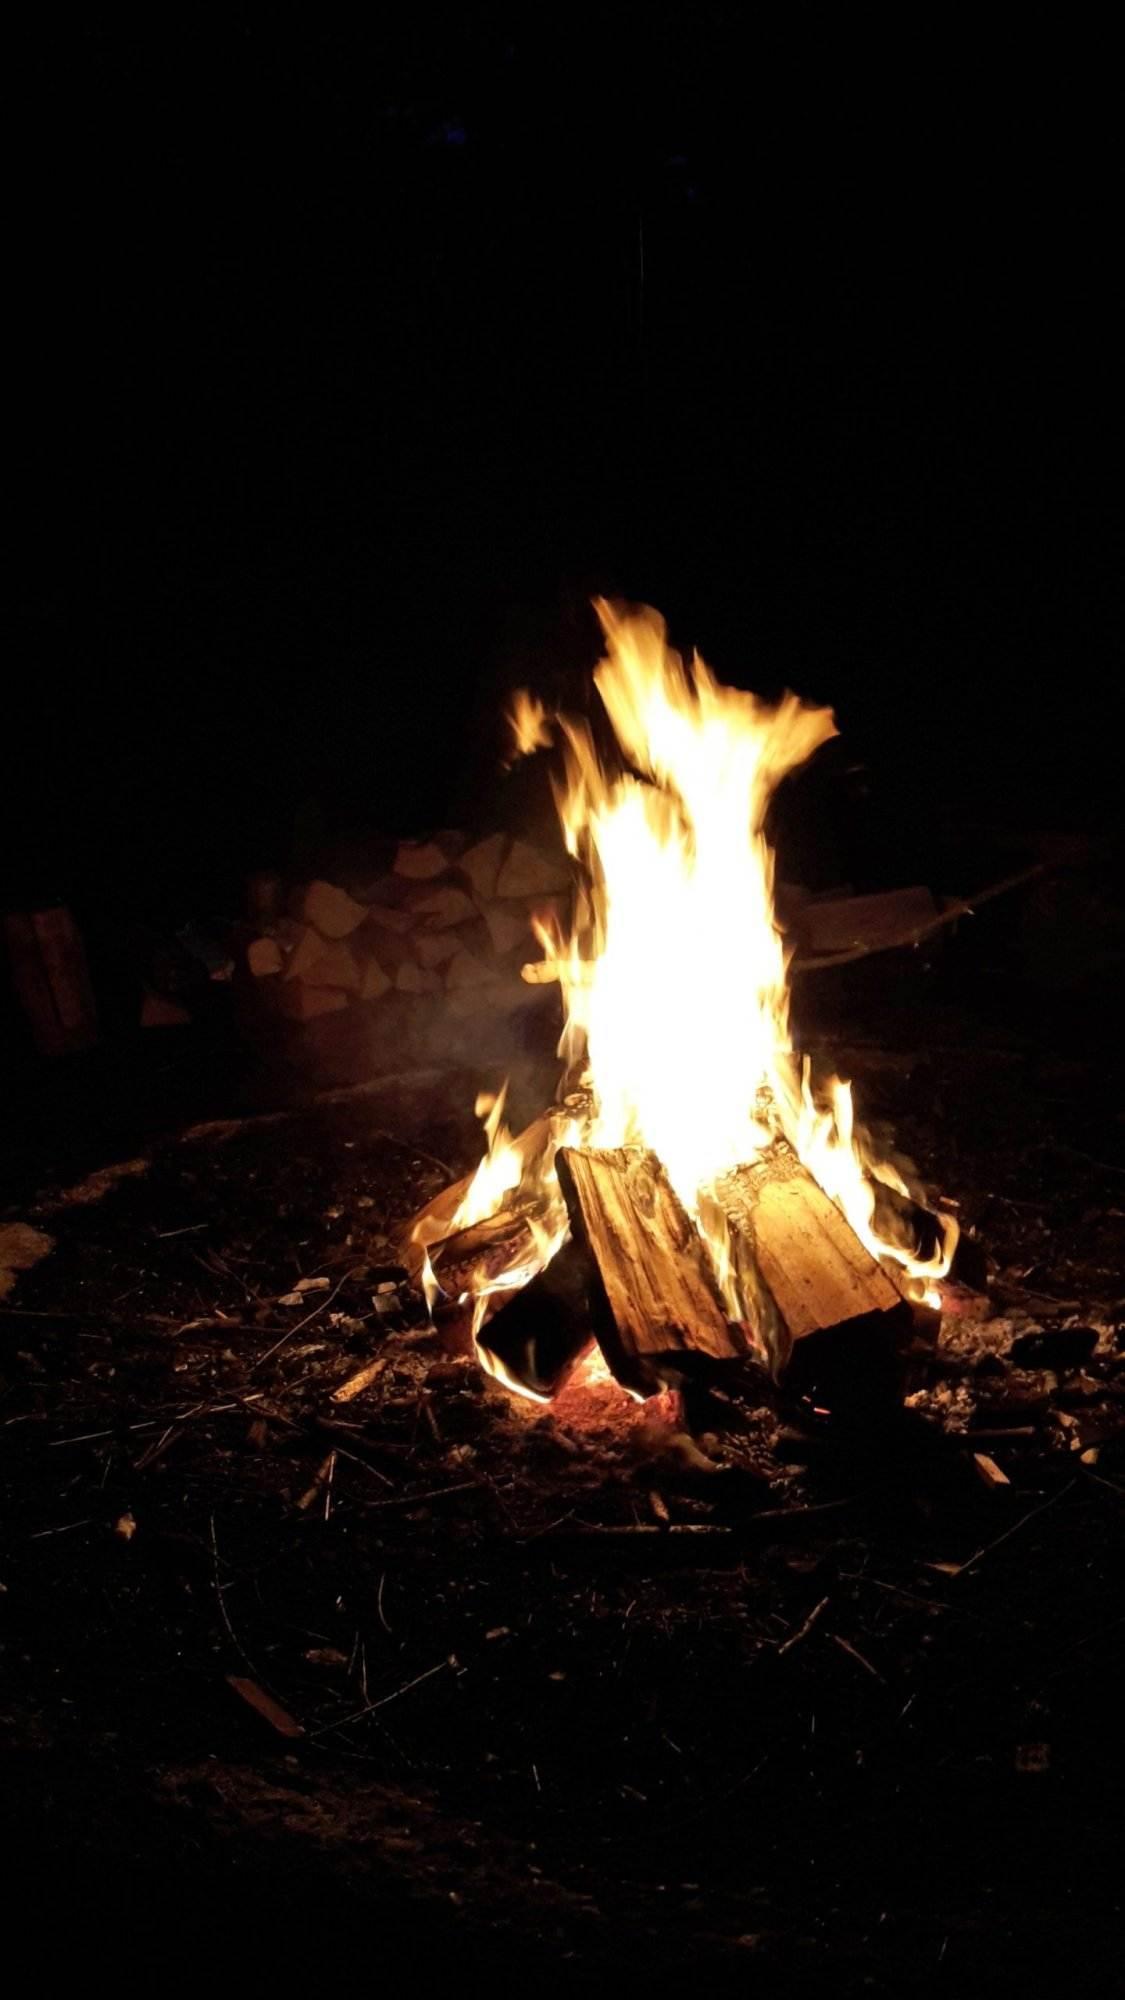 nachts draußen was machen feuer